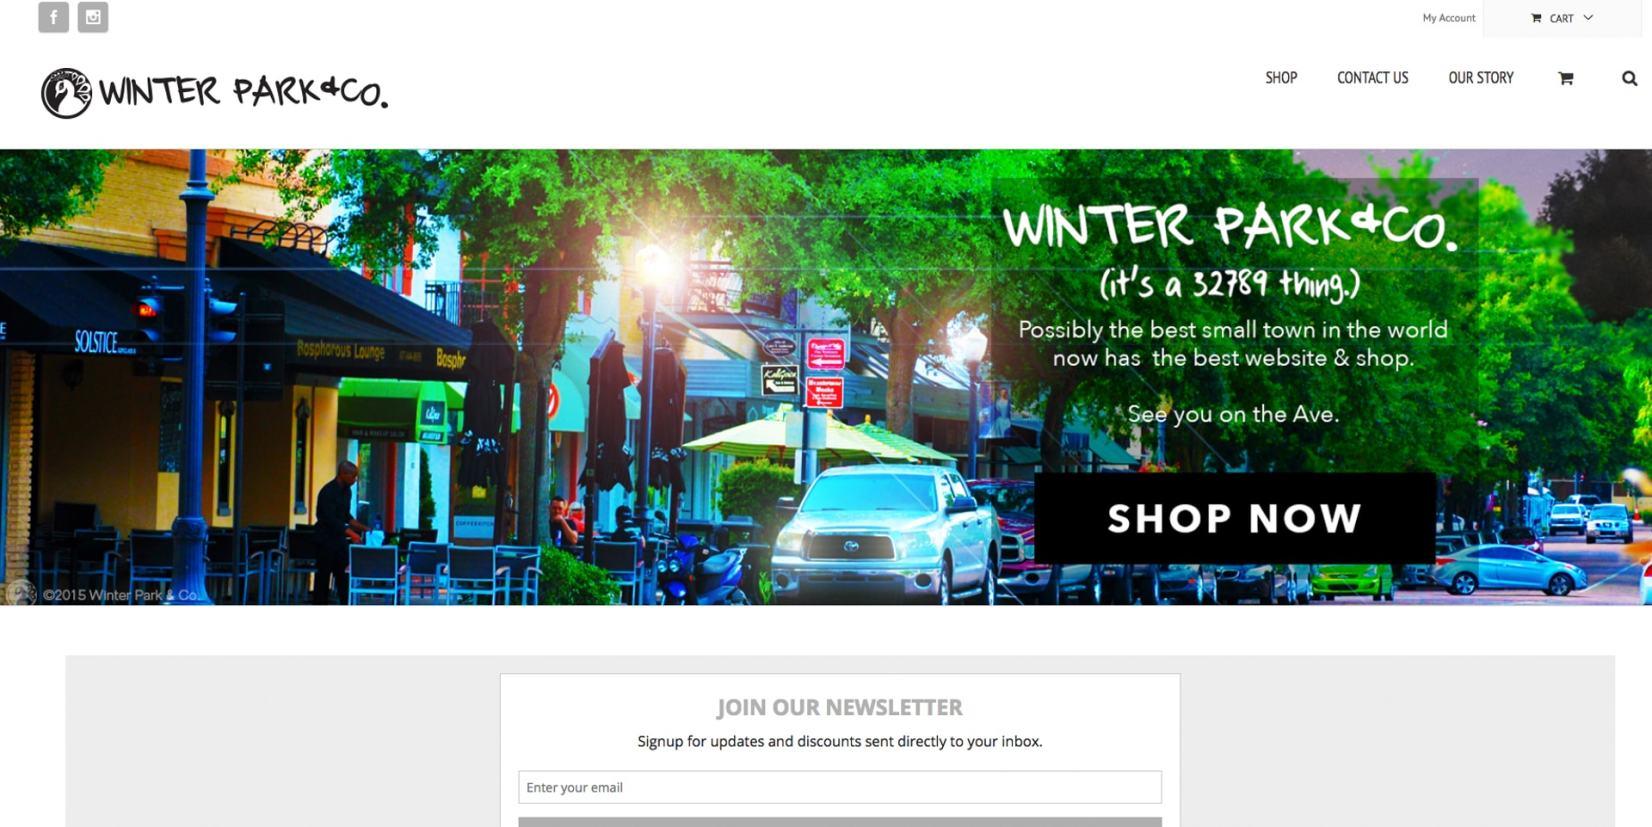 web page design - WinterparkCo